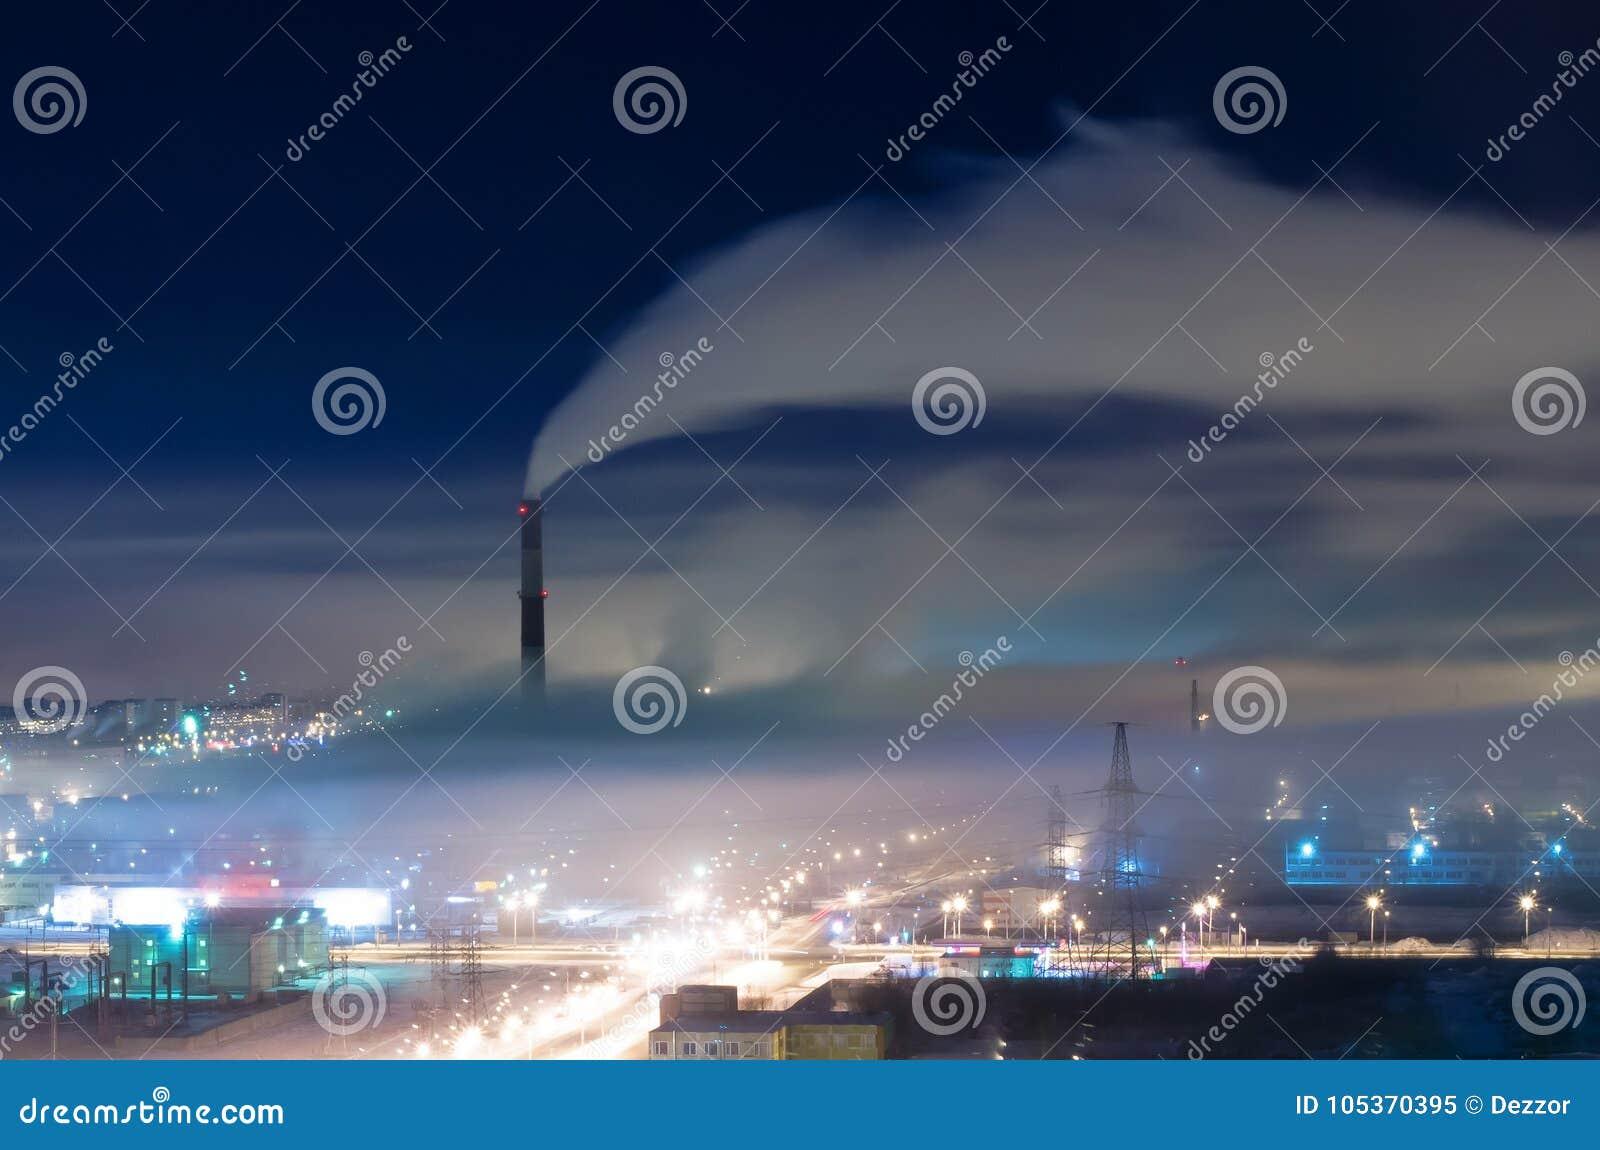 Secteur industriel de la ville, des tuyaux et de la fumée, avec le brouillard et le brouillard enfumé la nuit